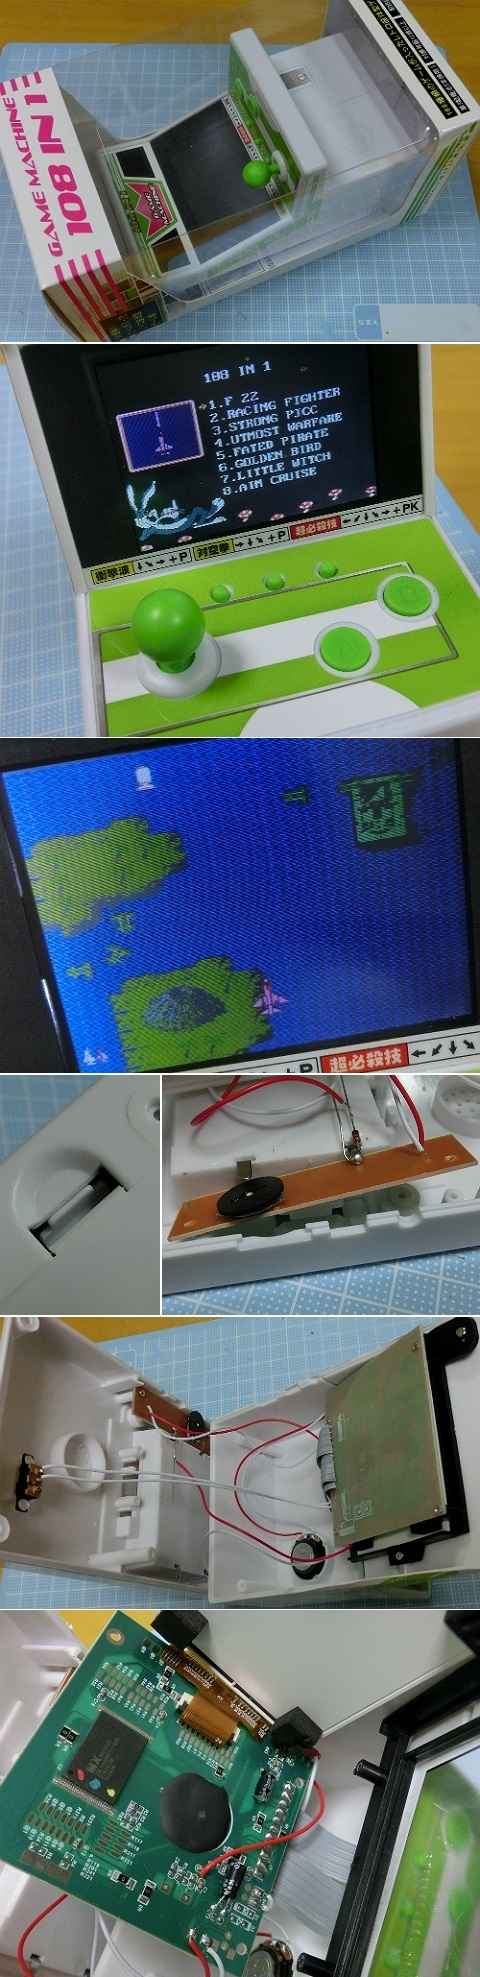 ゲームマシン 108IN1